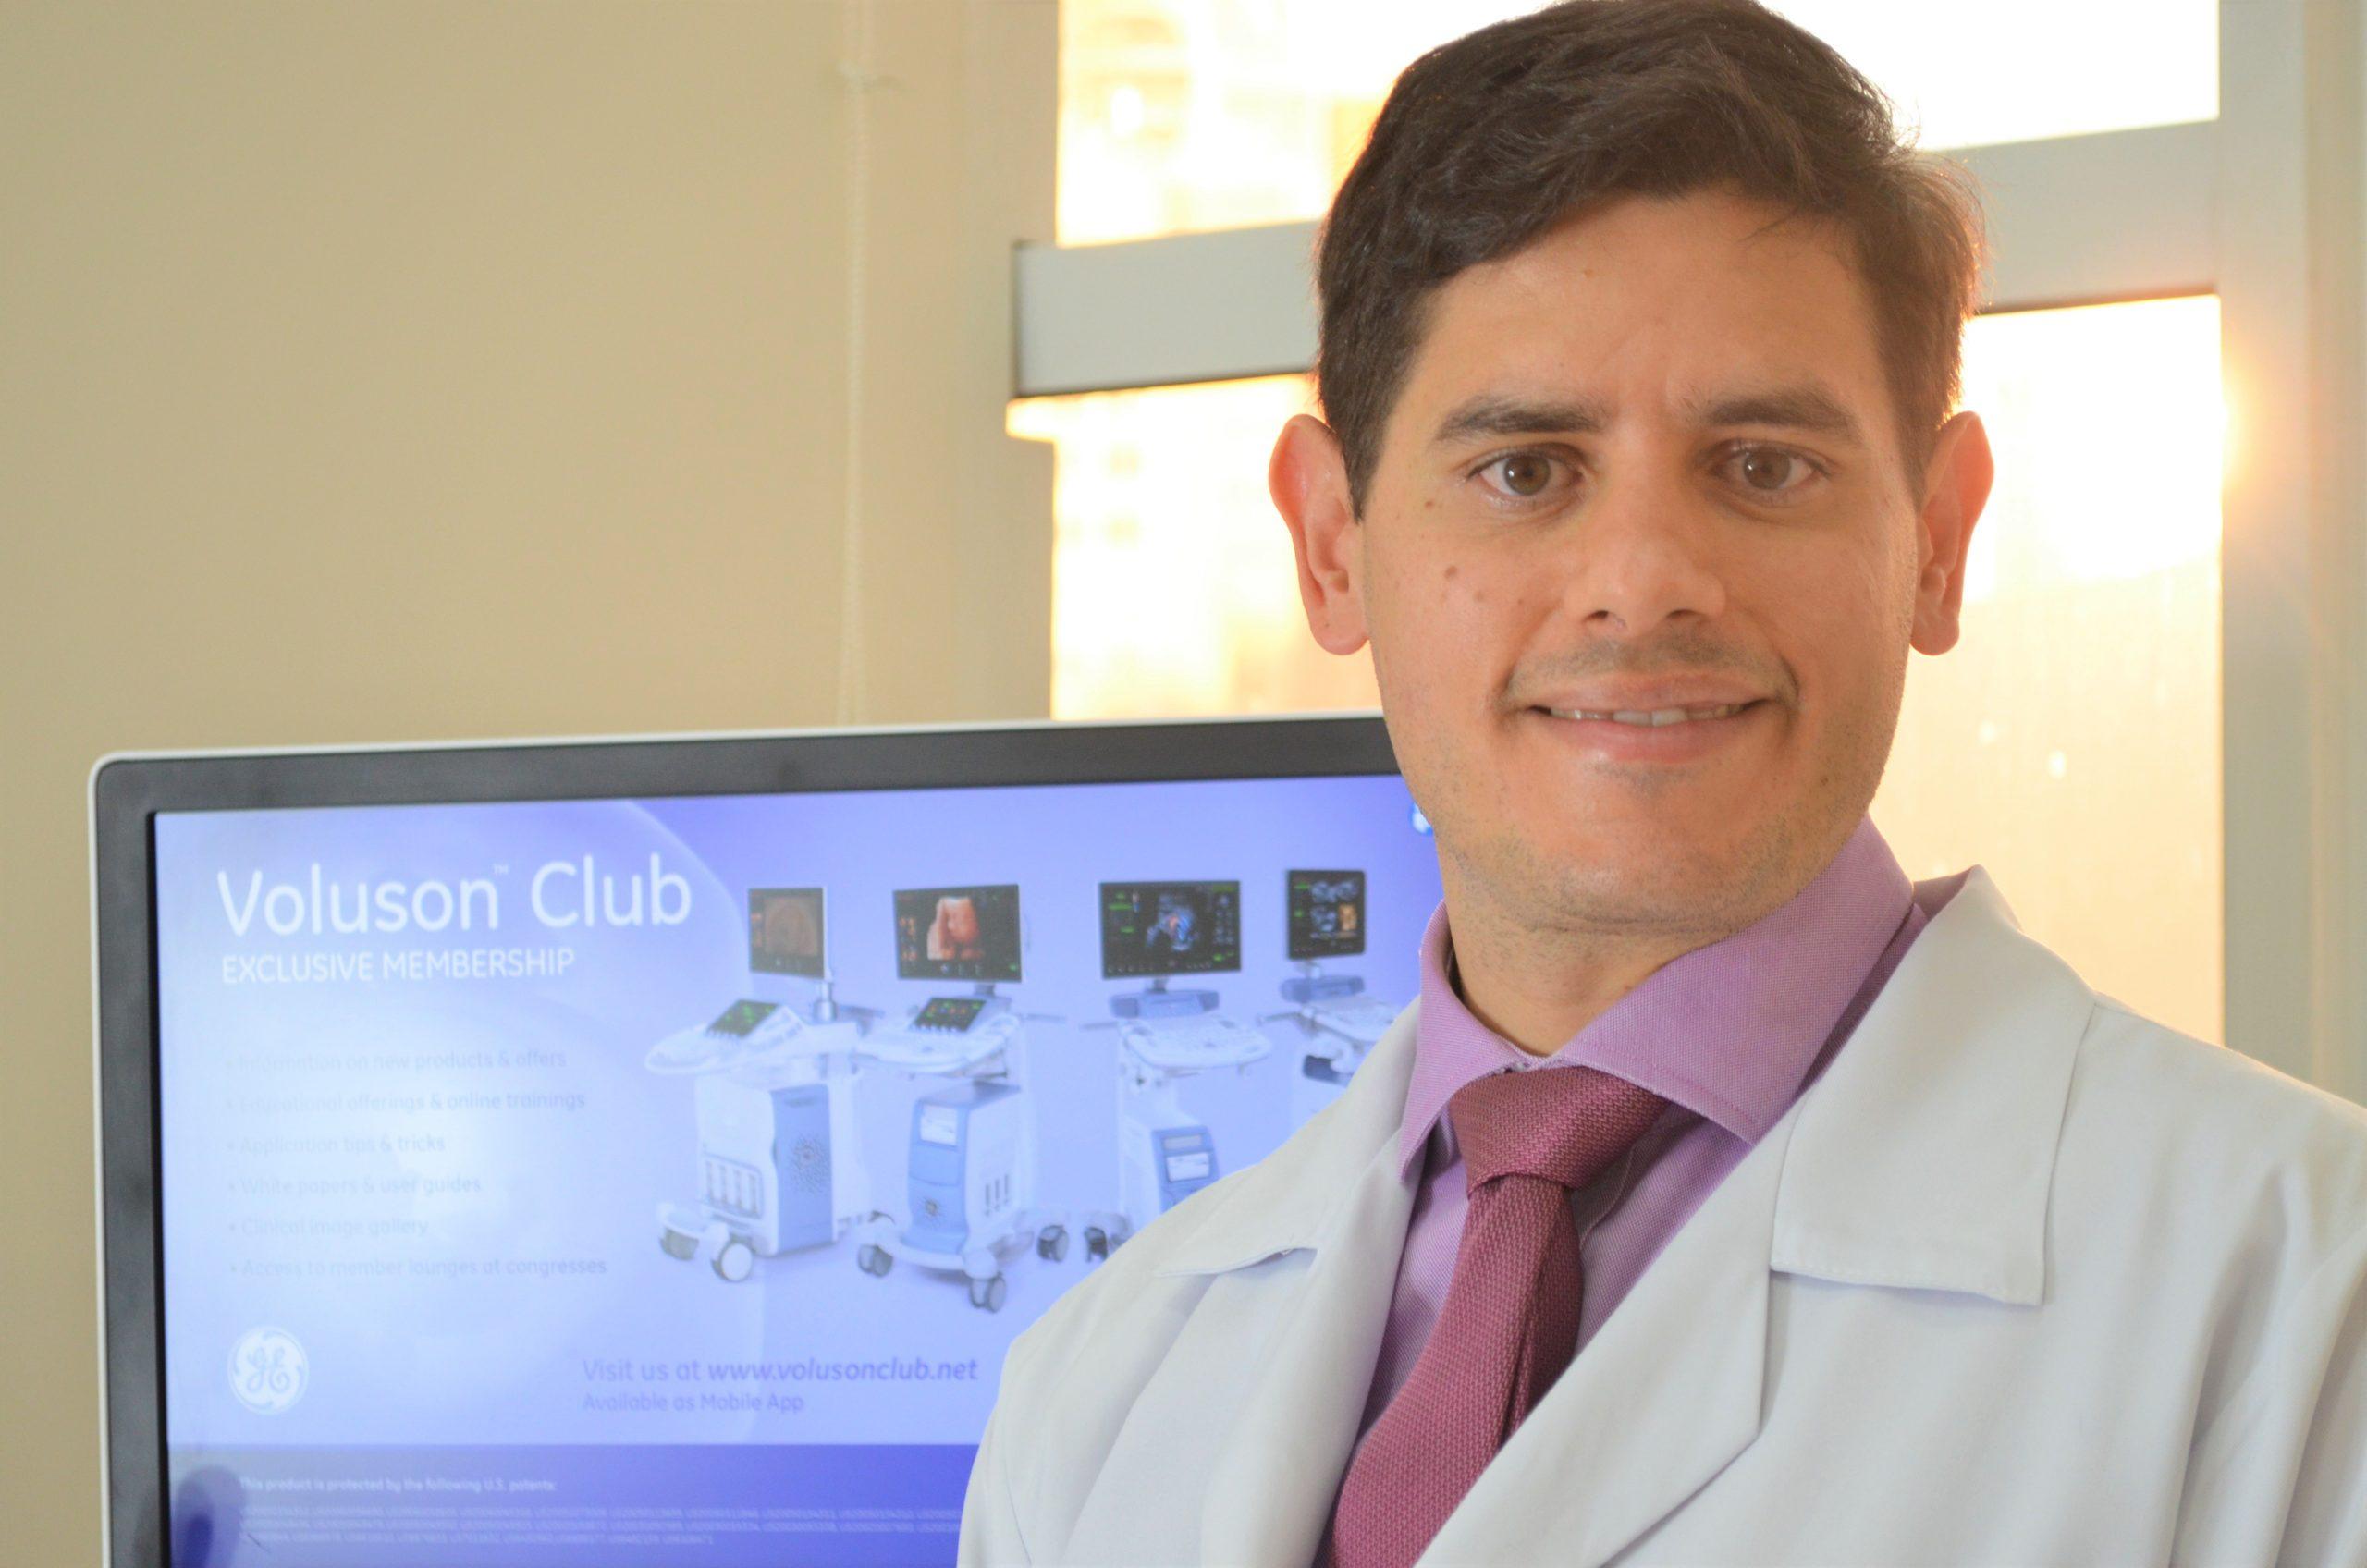 Especialista em Ultrassonografia do abdome total